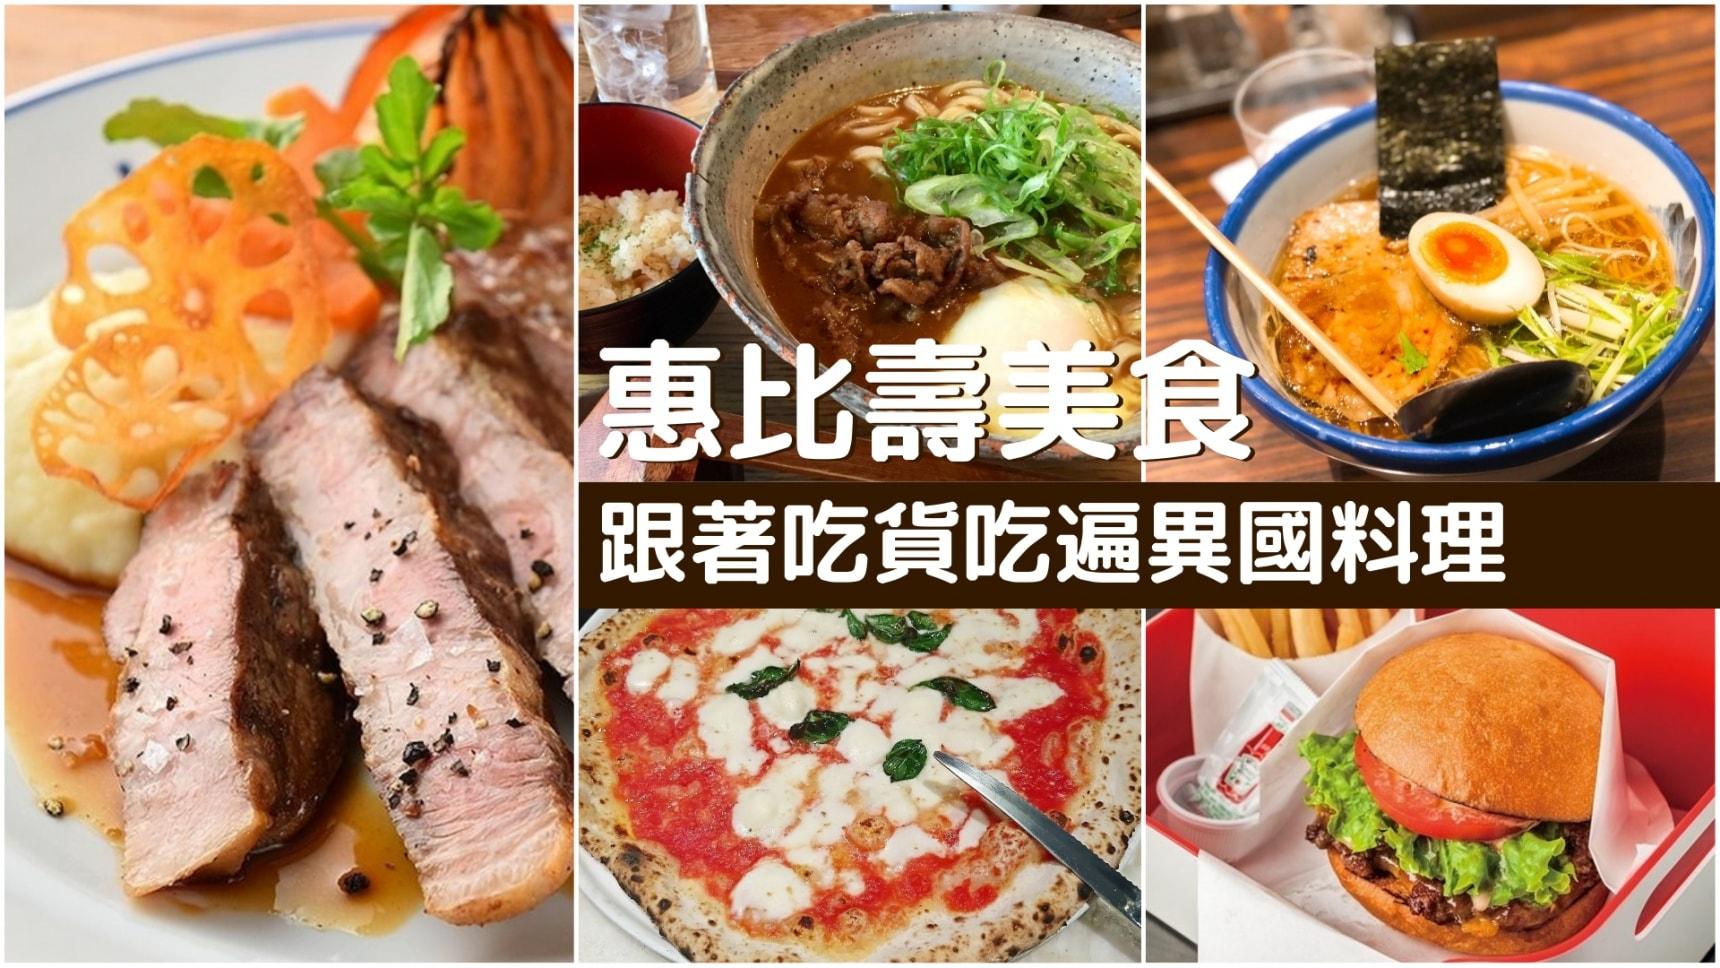 【東京美食】吃貨OL帶路!10家惠比壽周邊必吃美食推薦